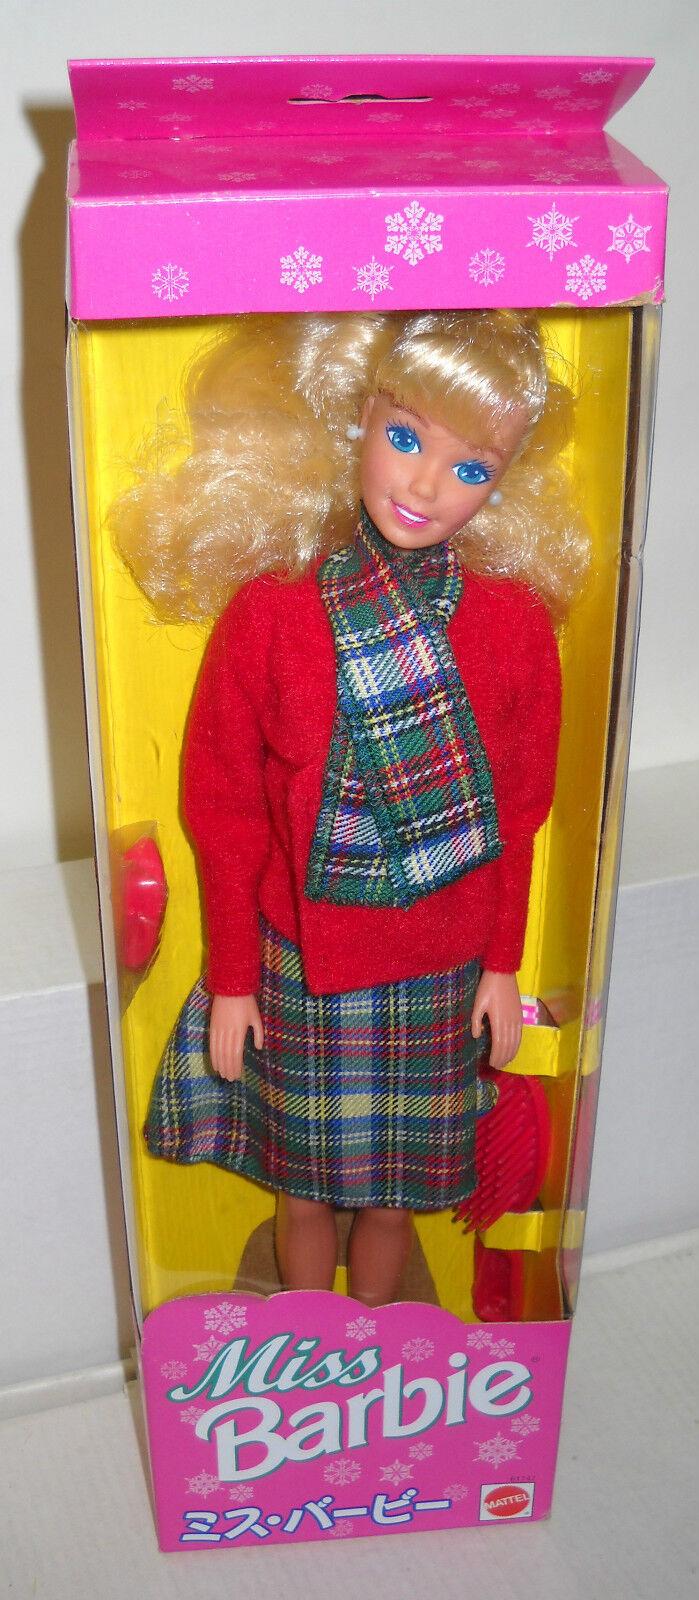 Nunca quitado de la Caja Mattel Coles tienda de comestibles de Australia Miss Muñeca Barbie exterior